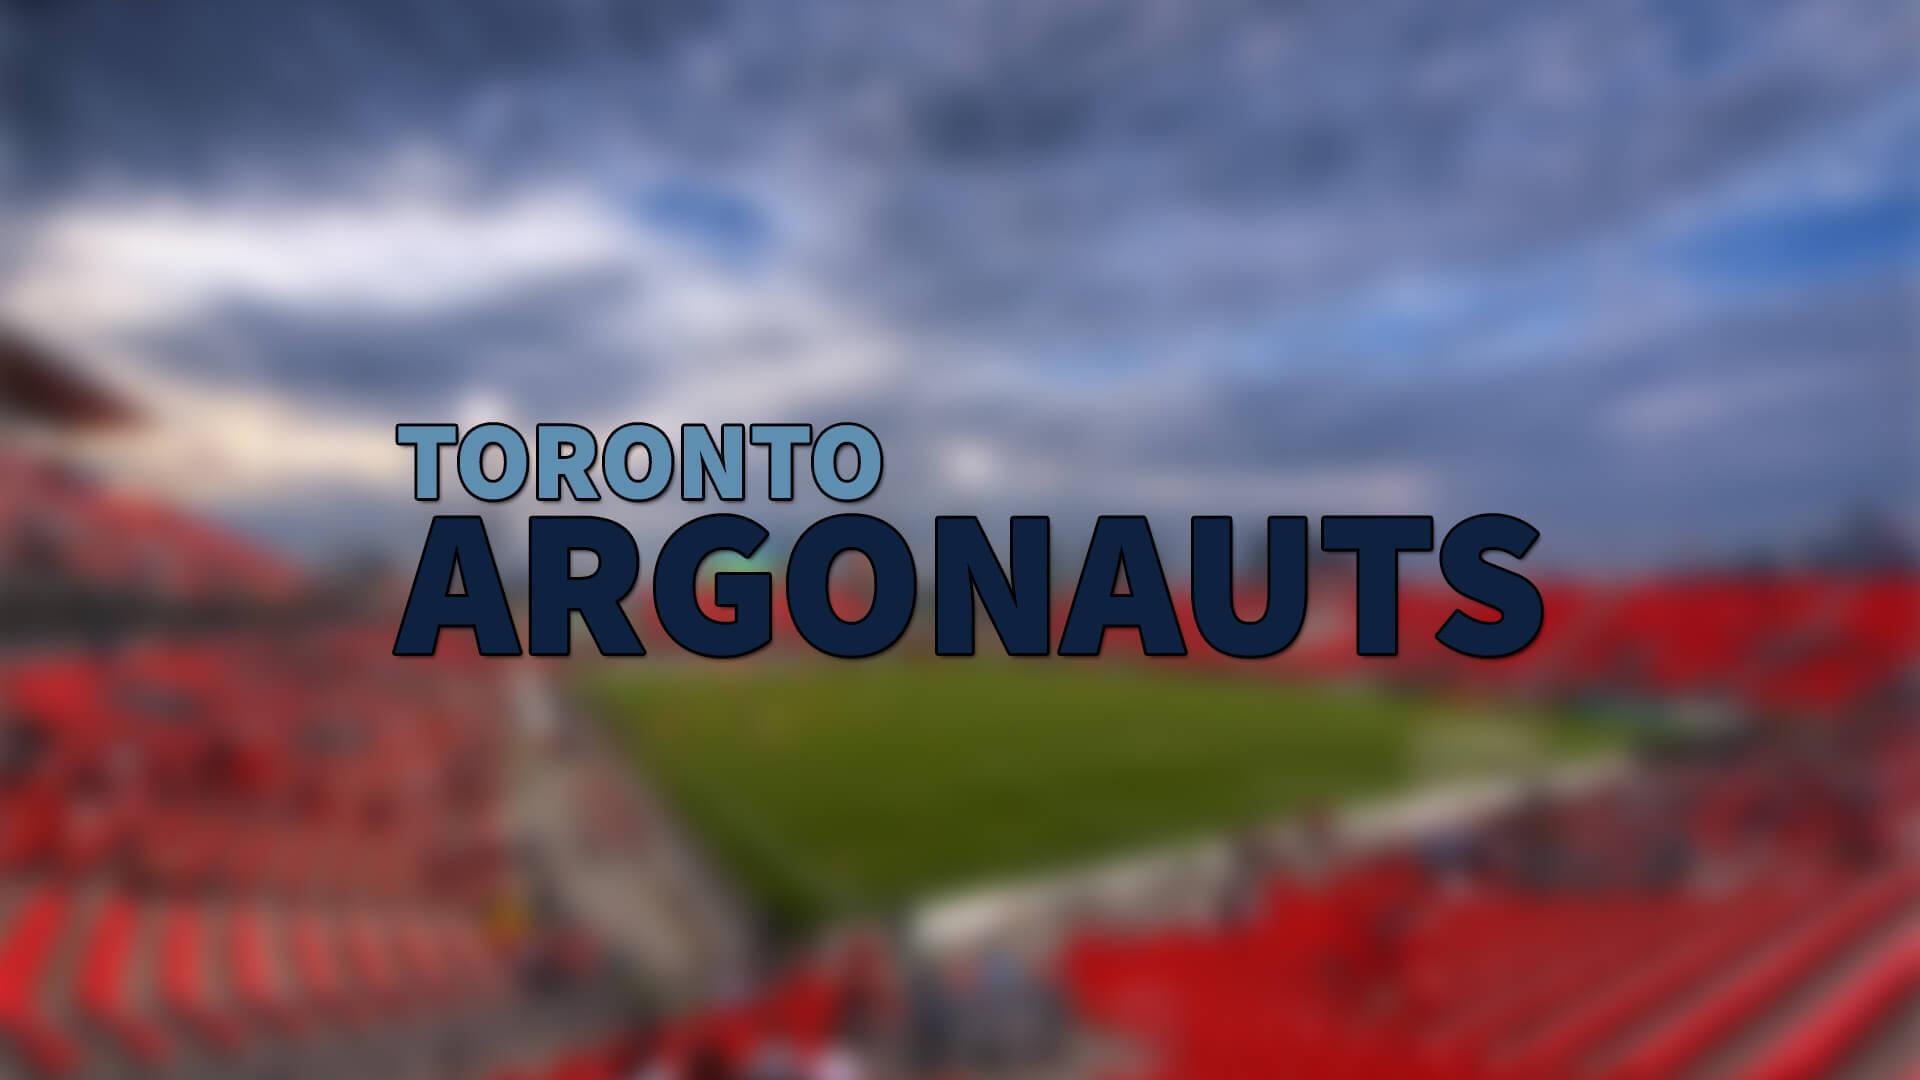 Argonatus Alden Darby ile Kontratı Uzattı | Korumalı Futbol Türkiye